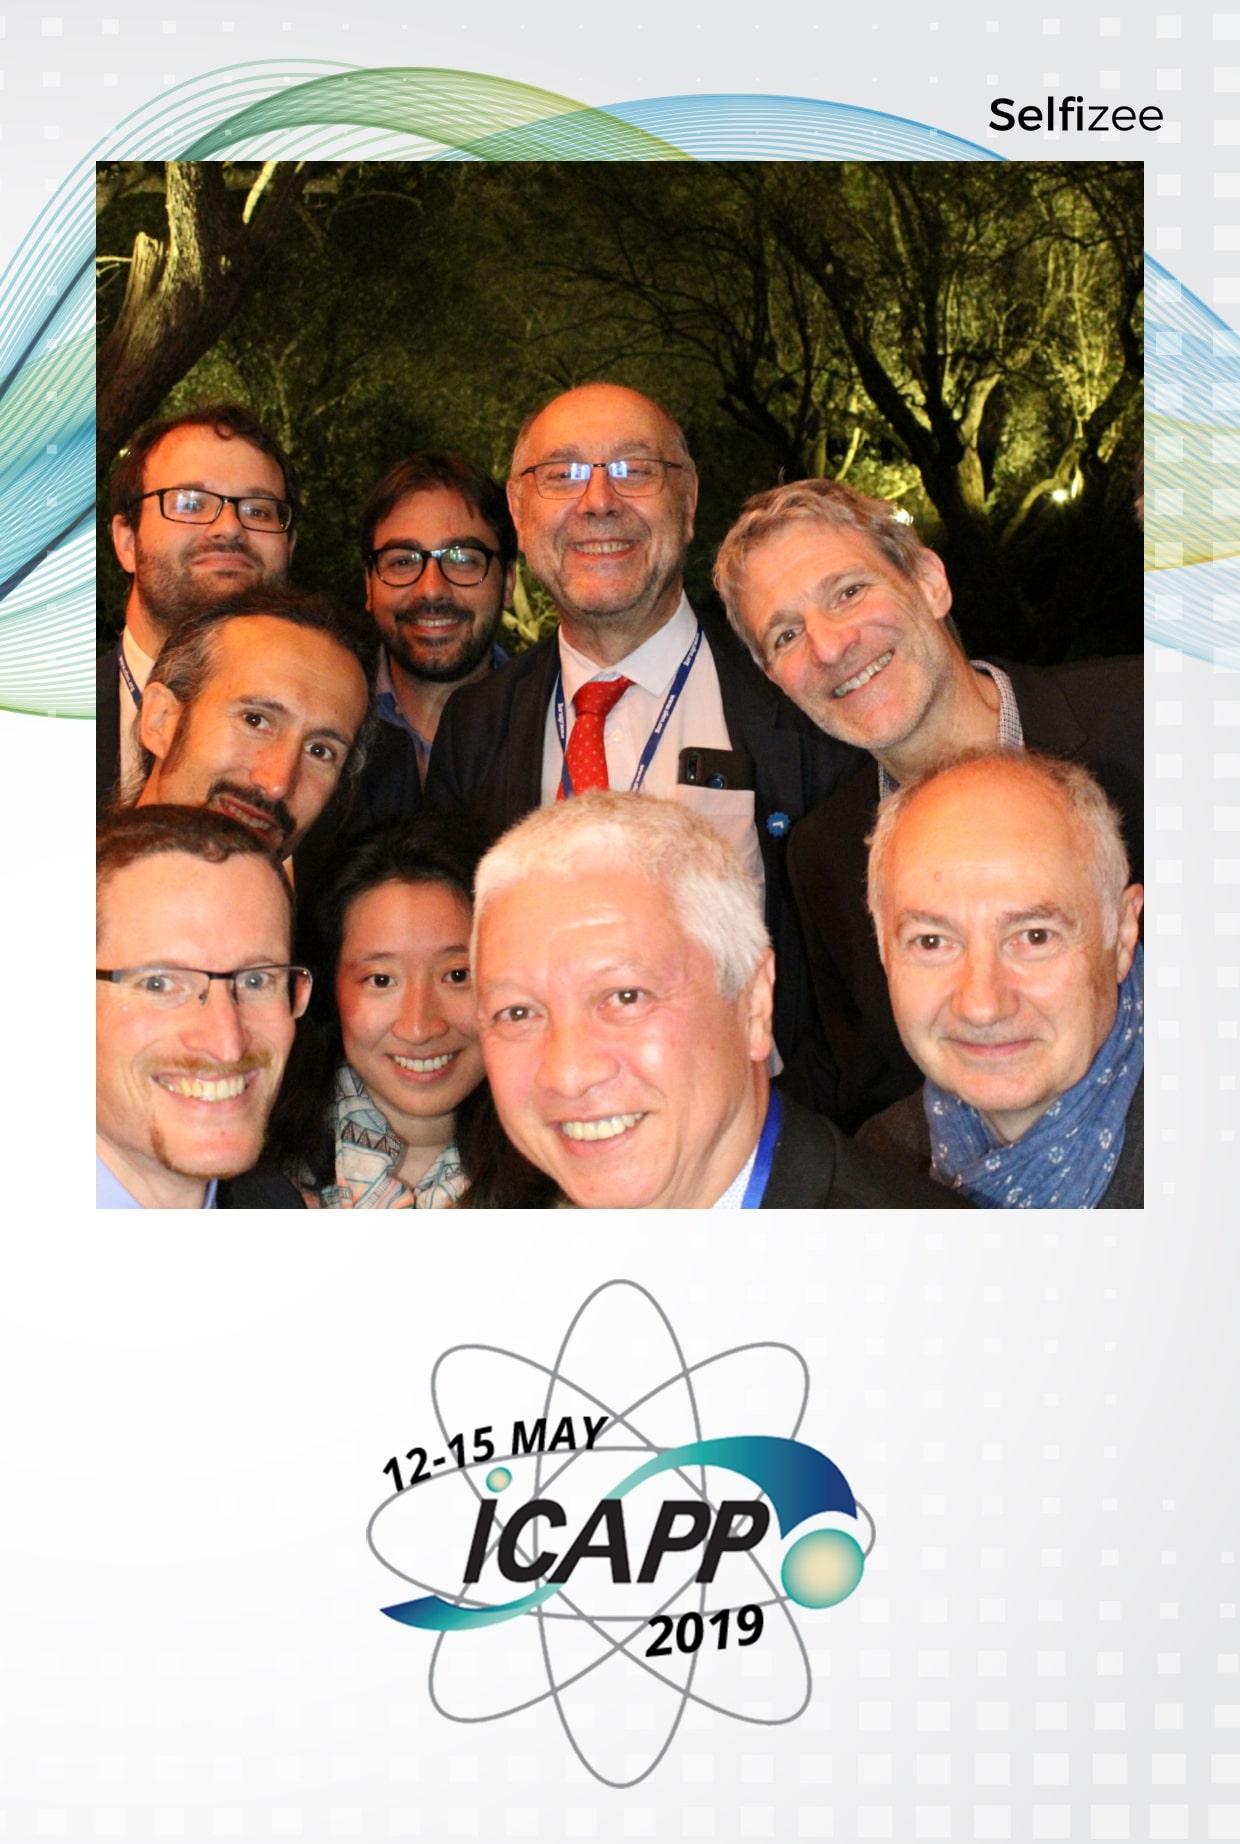 Photobooth connecté au congrès international ICAPP 2019 avec impressions photos soirée à la Bastide du Roy Antibes près de Cannes